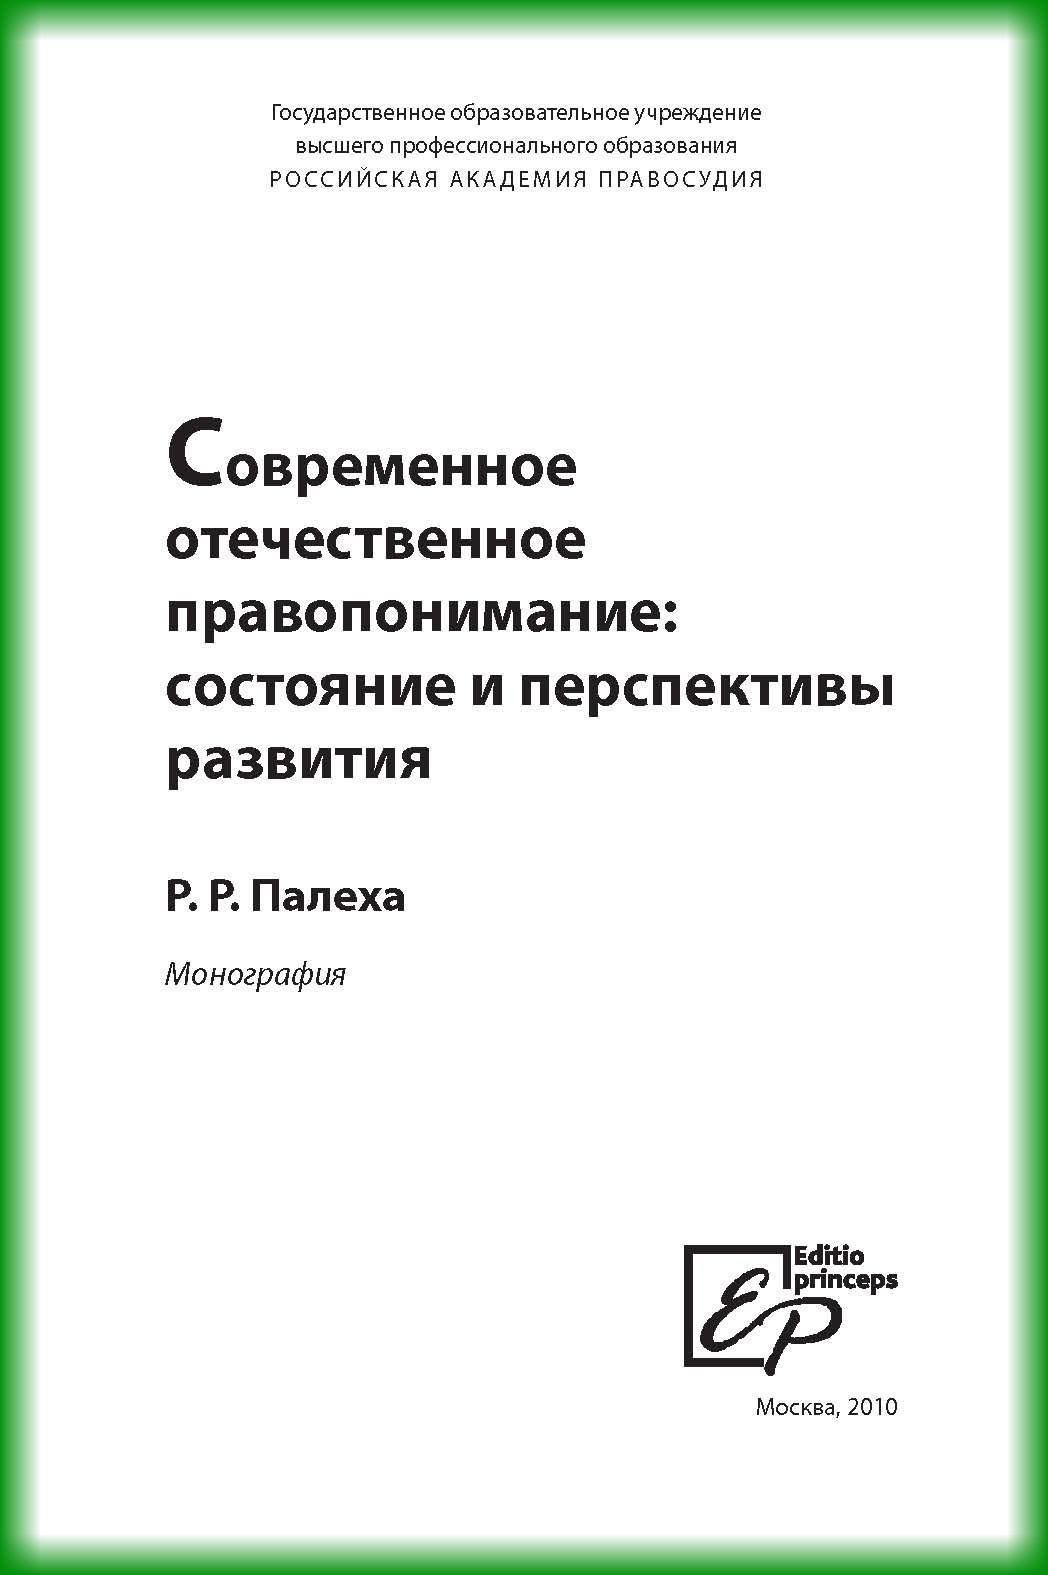 Р. Р. Палеха Современное отечественное правопонимание. Состояние и перспективы развития